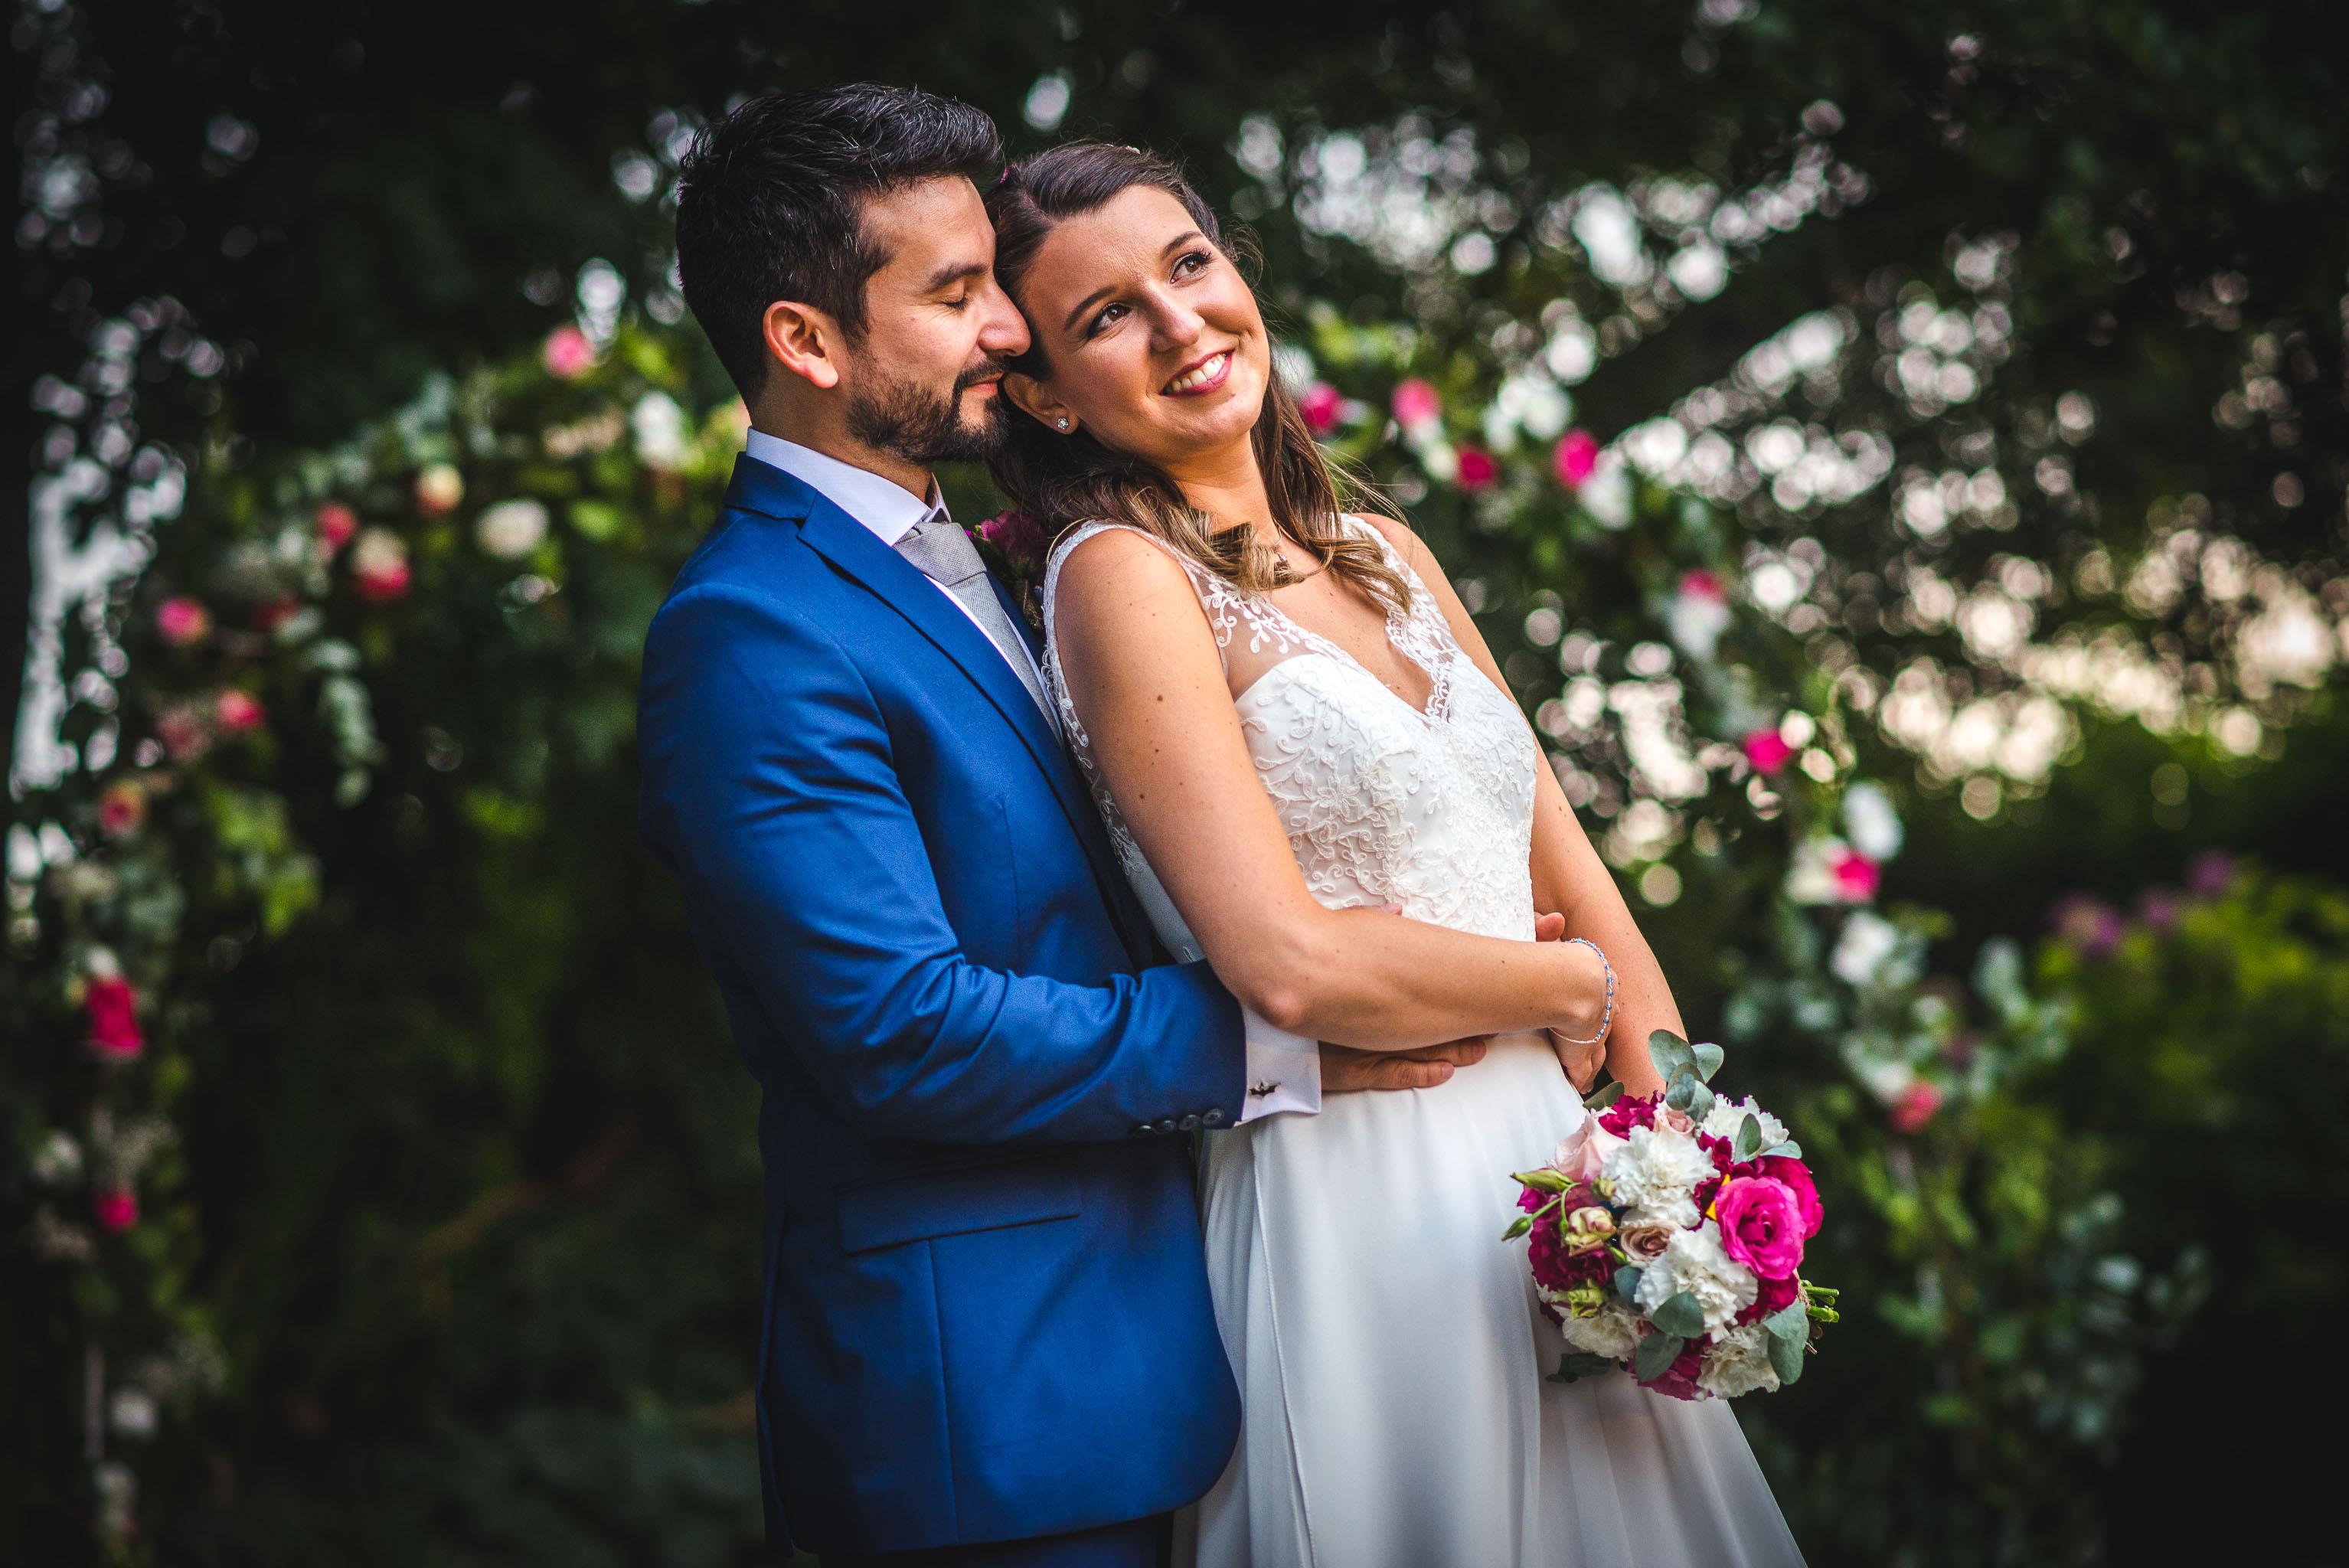 fotografo documental de matrimonios-fotografo matrimonio santiago-sesion novios